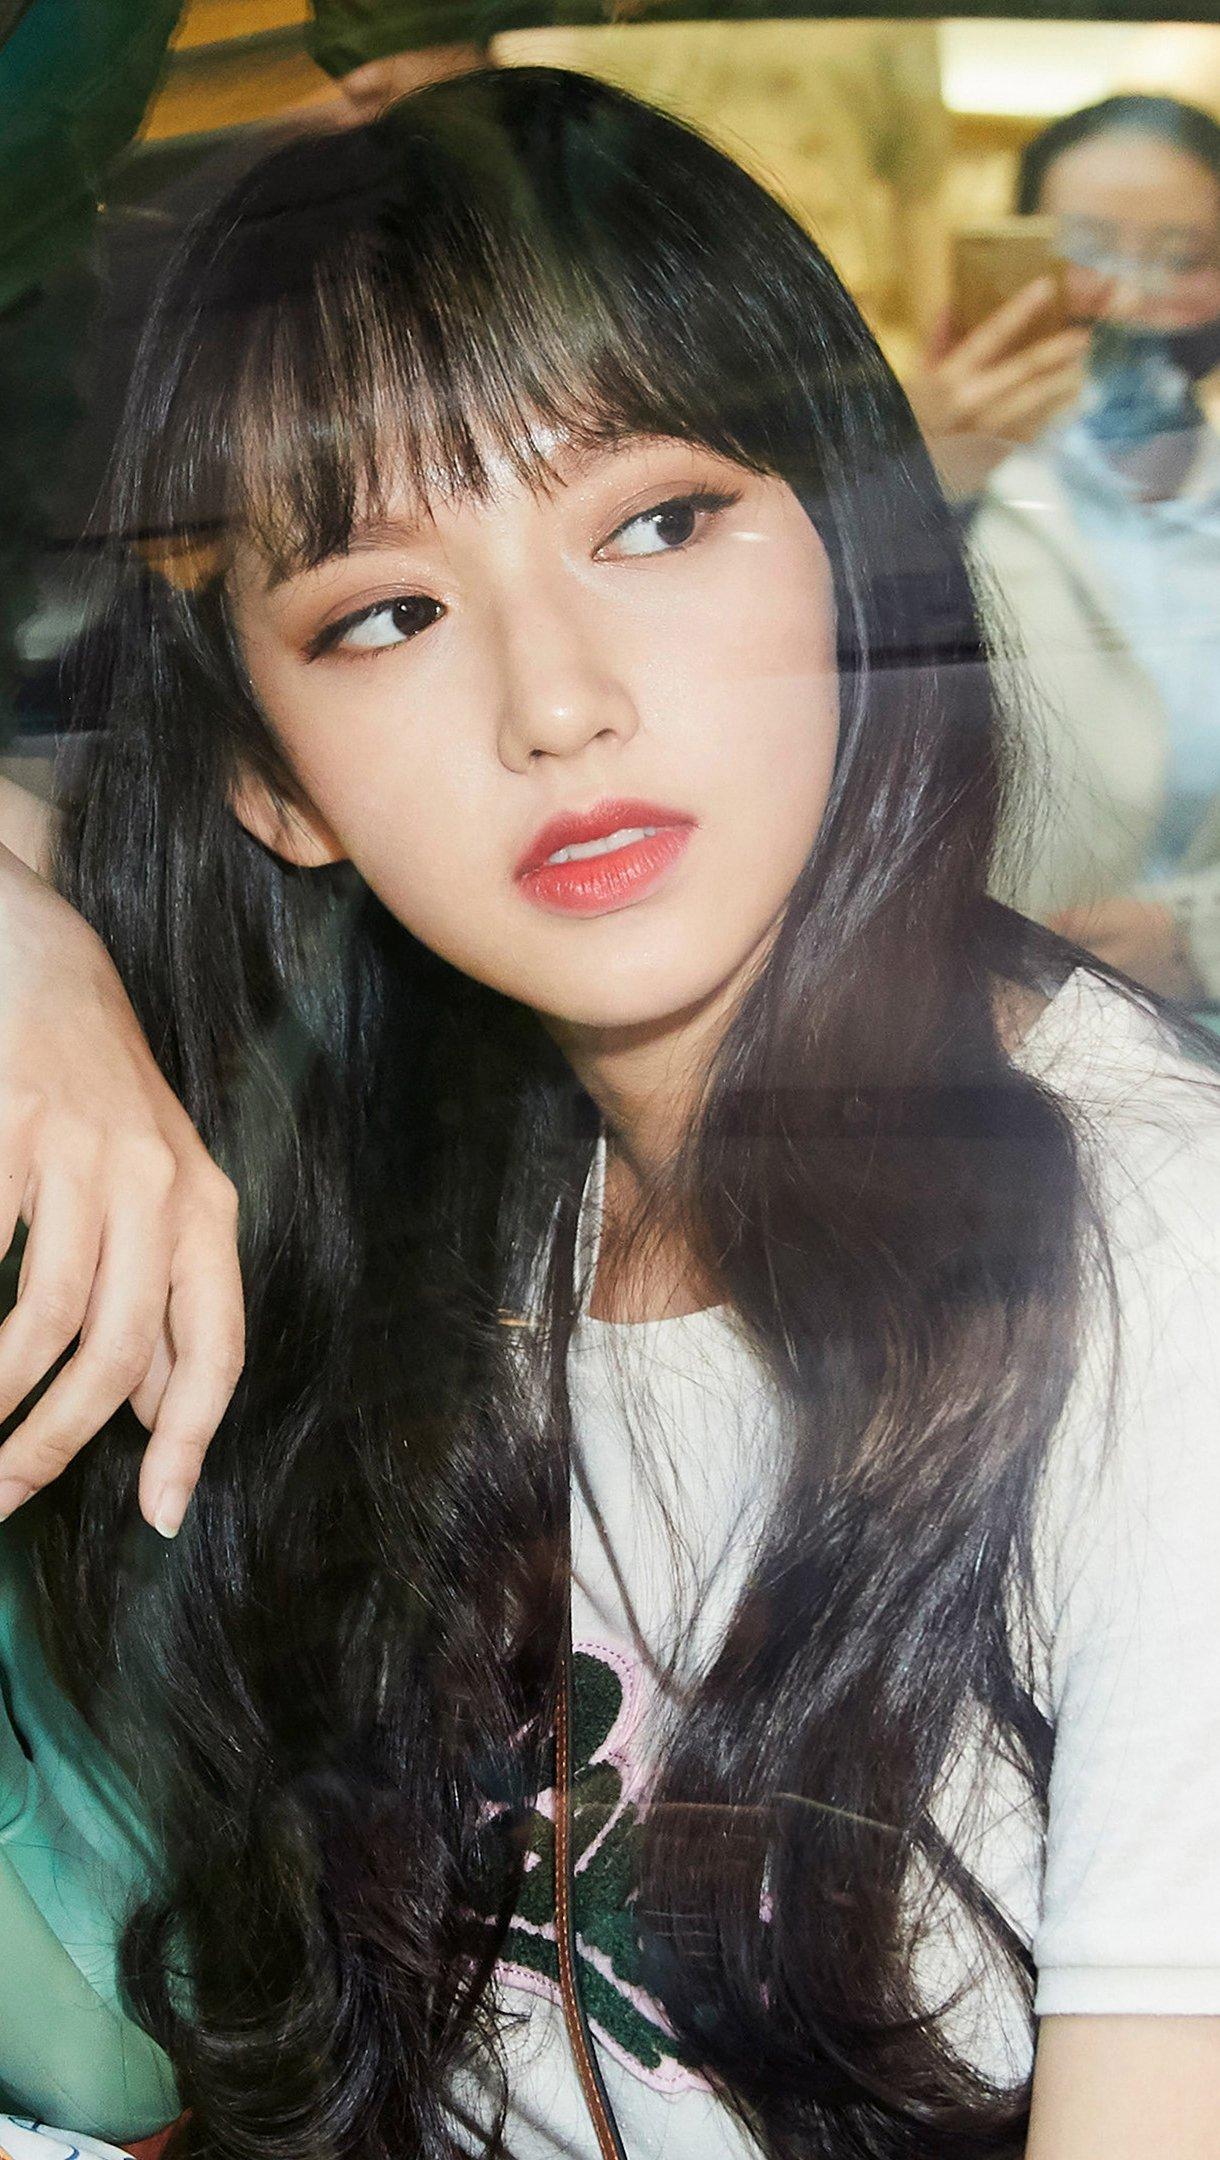 Cheng Xiao Korean Girl Wallpaper 4k Ultra Hd Id 4296